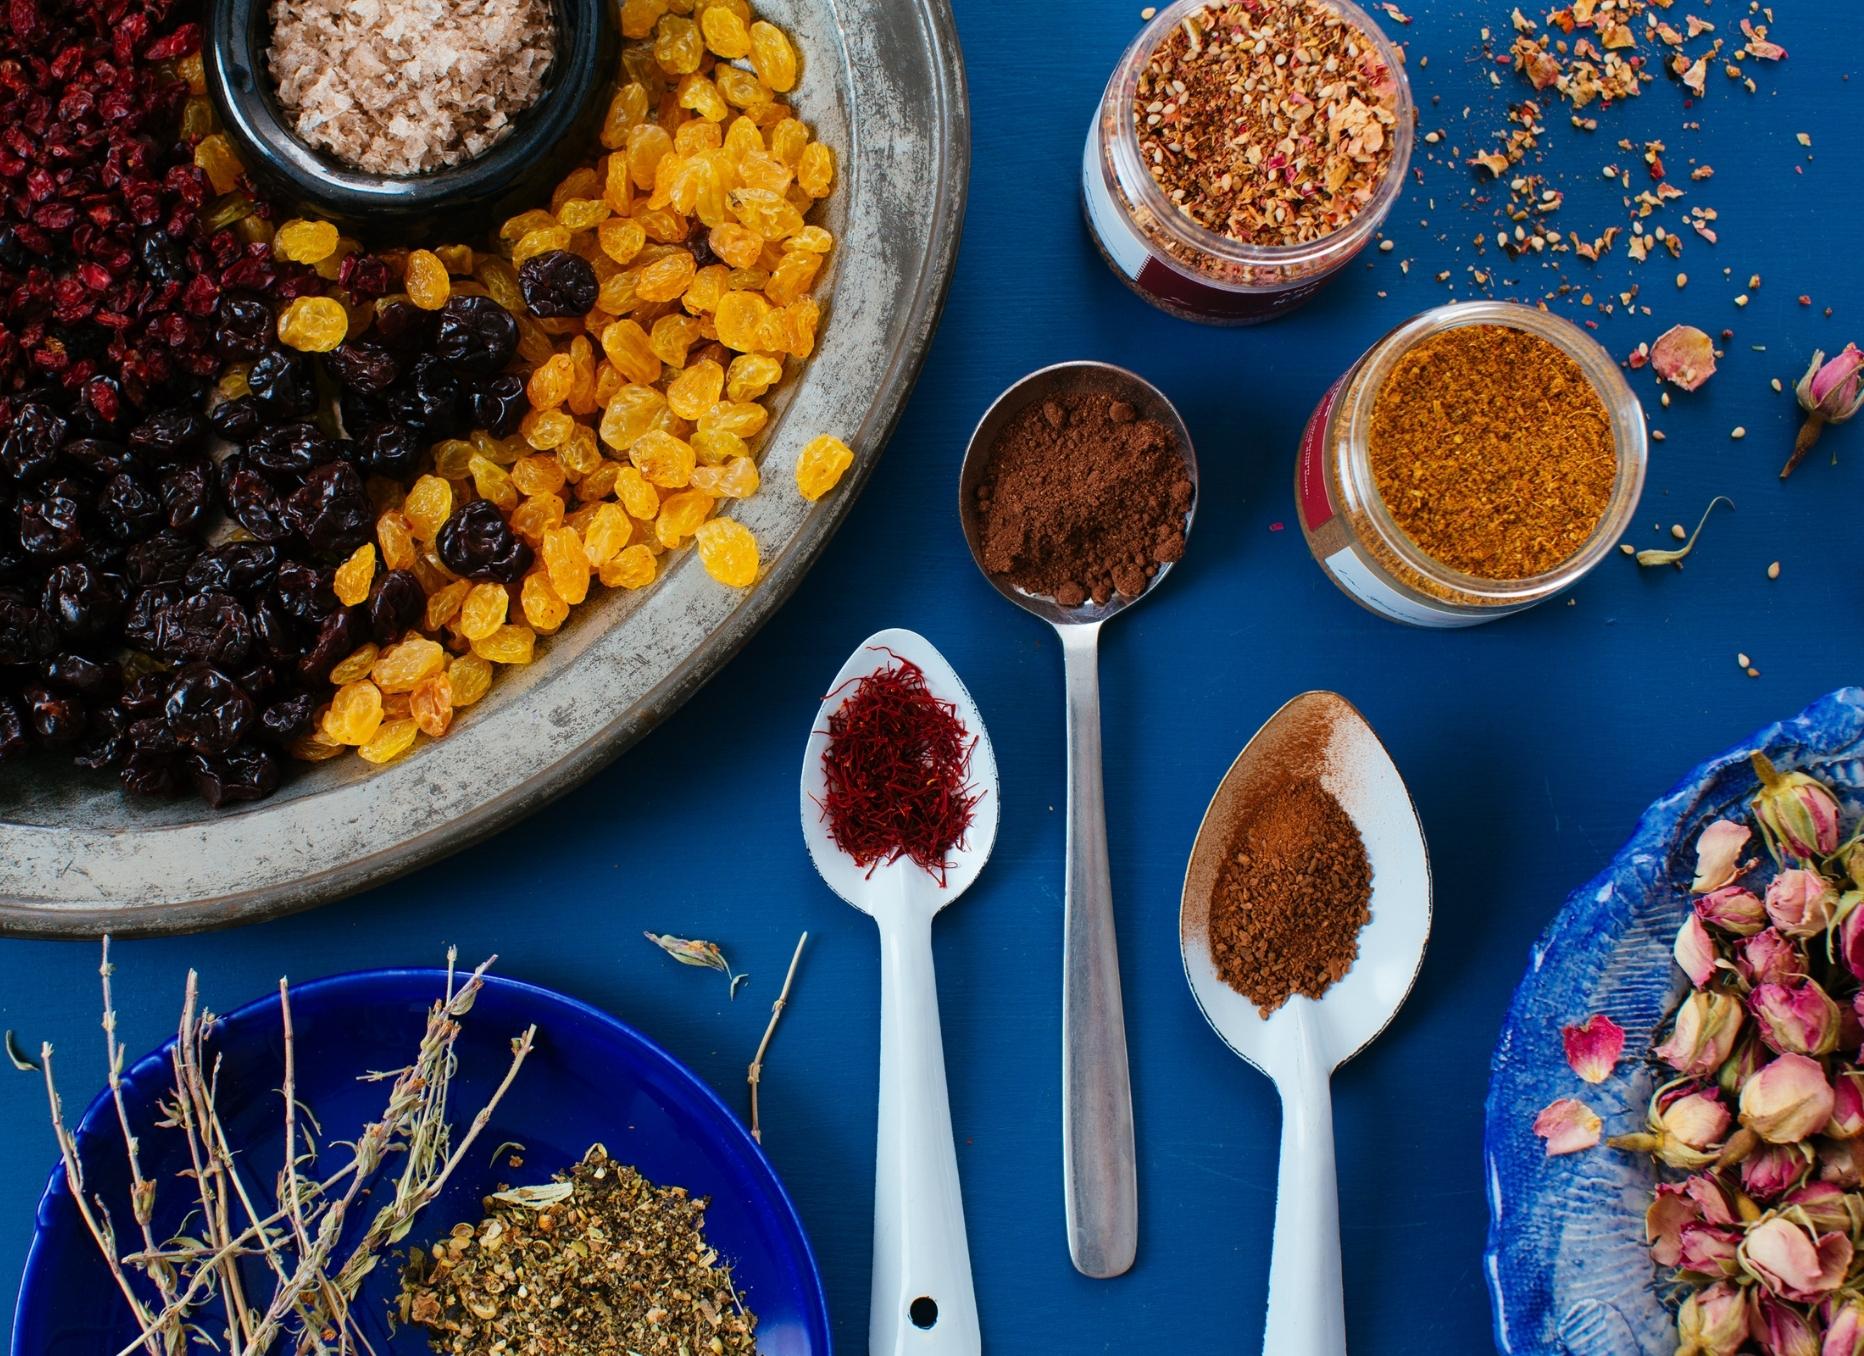 Ingredients Blue Table